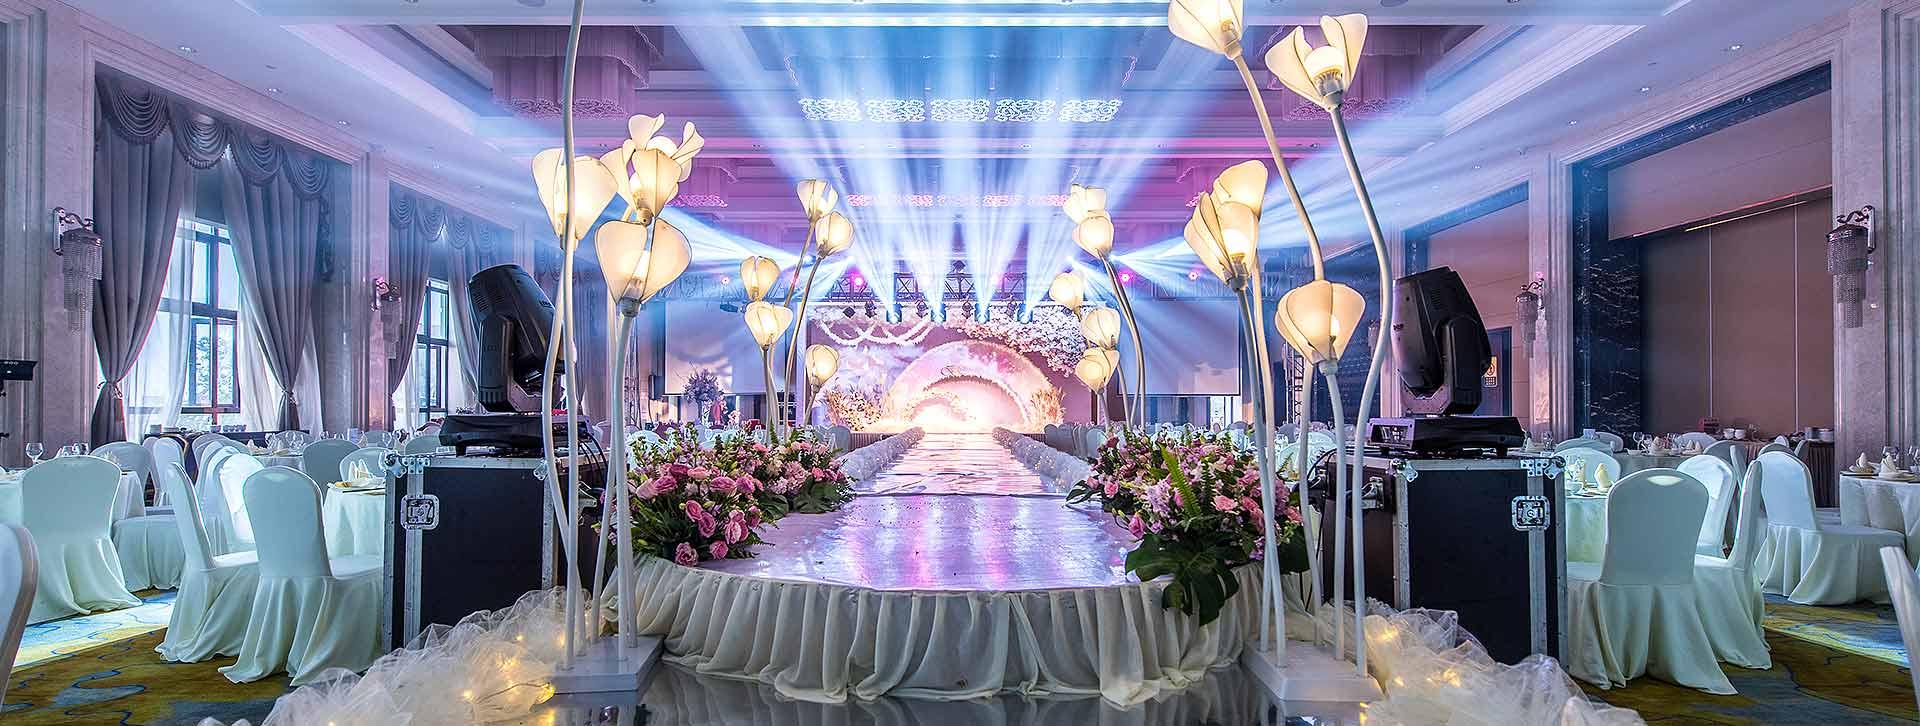 宁波洲际大酒店婚庆舞台灯光音响租赁案例